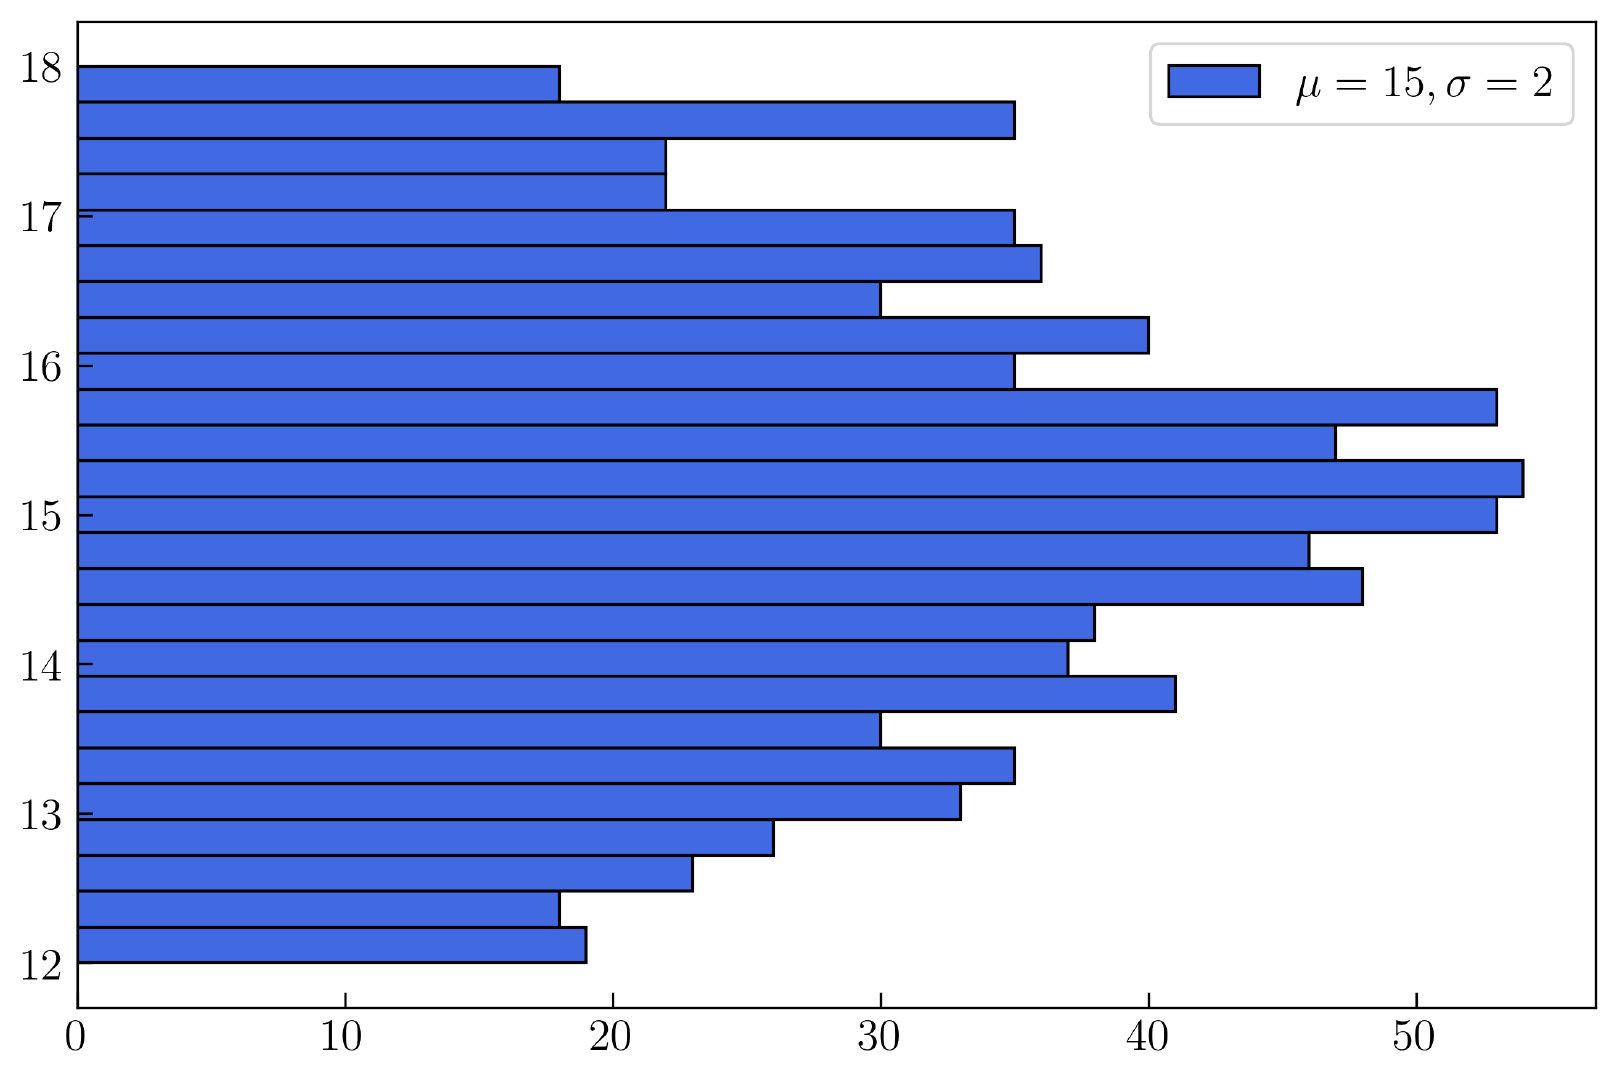 图26. 自定义直方图的边框